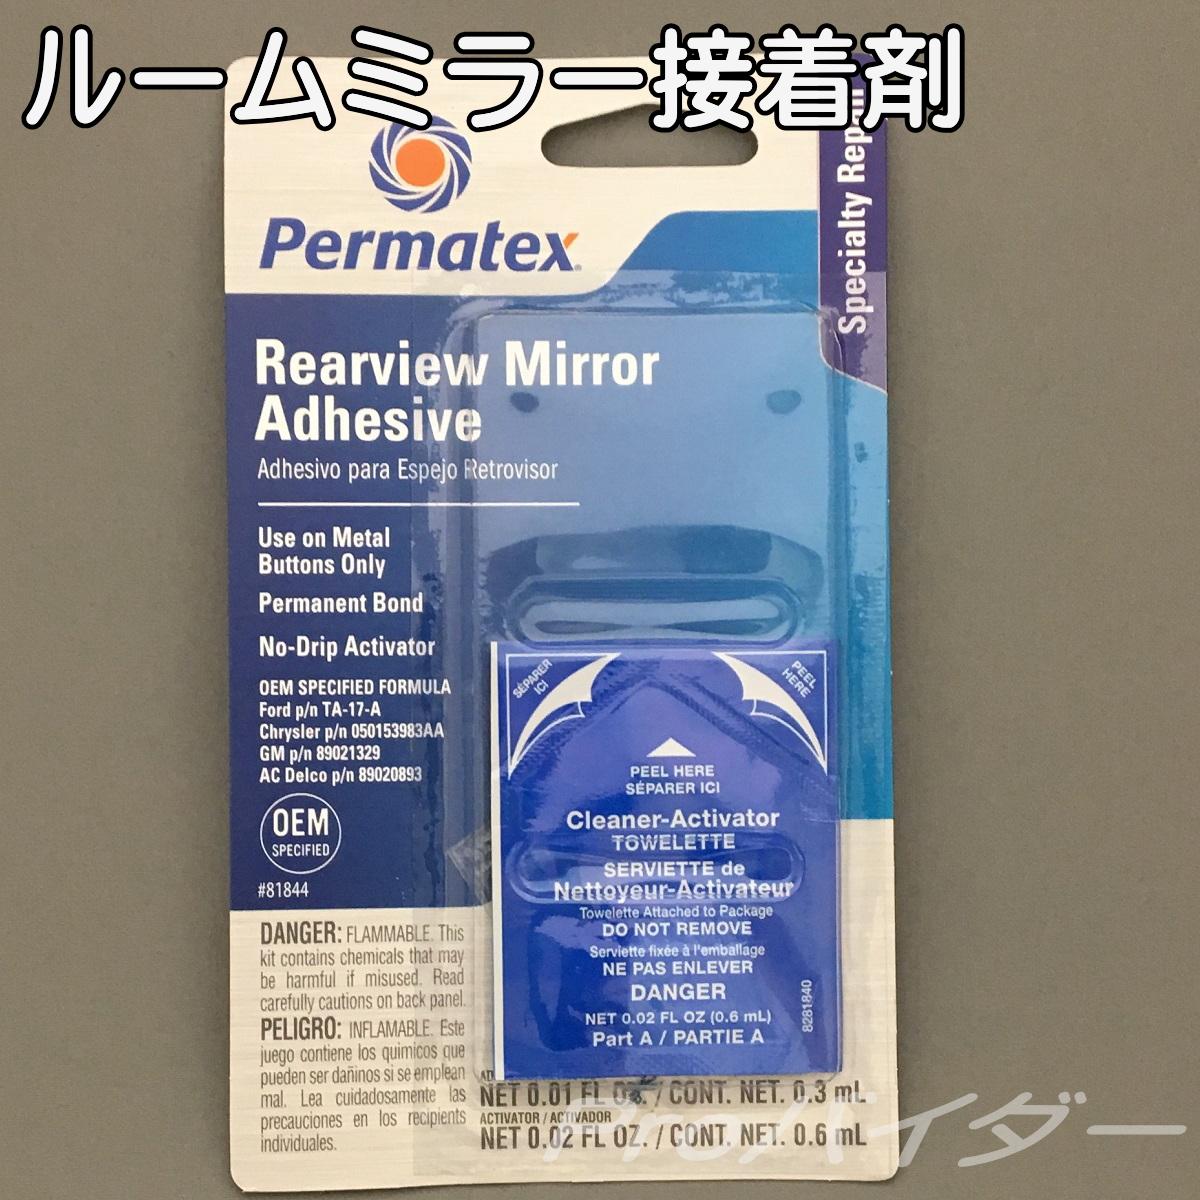 ルームミラー接着剤 バックミラー 正規激安 お得クーポン発行中 接着剤 PTX81844 Permatex 自動車 パーマテックス